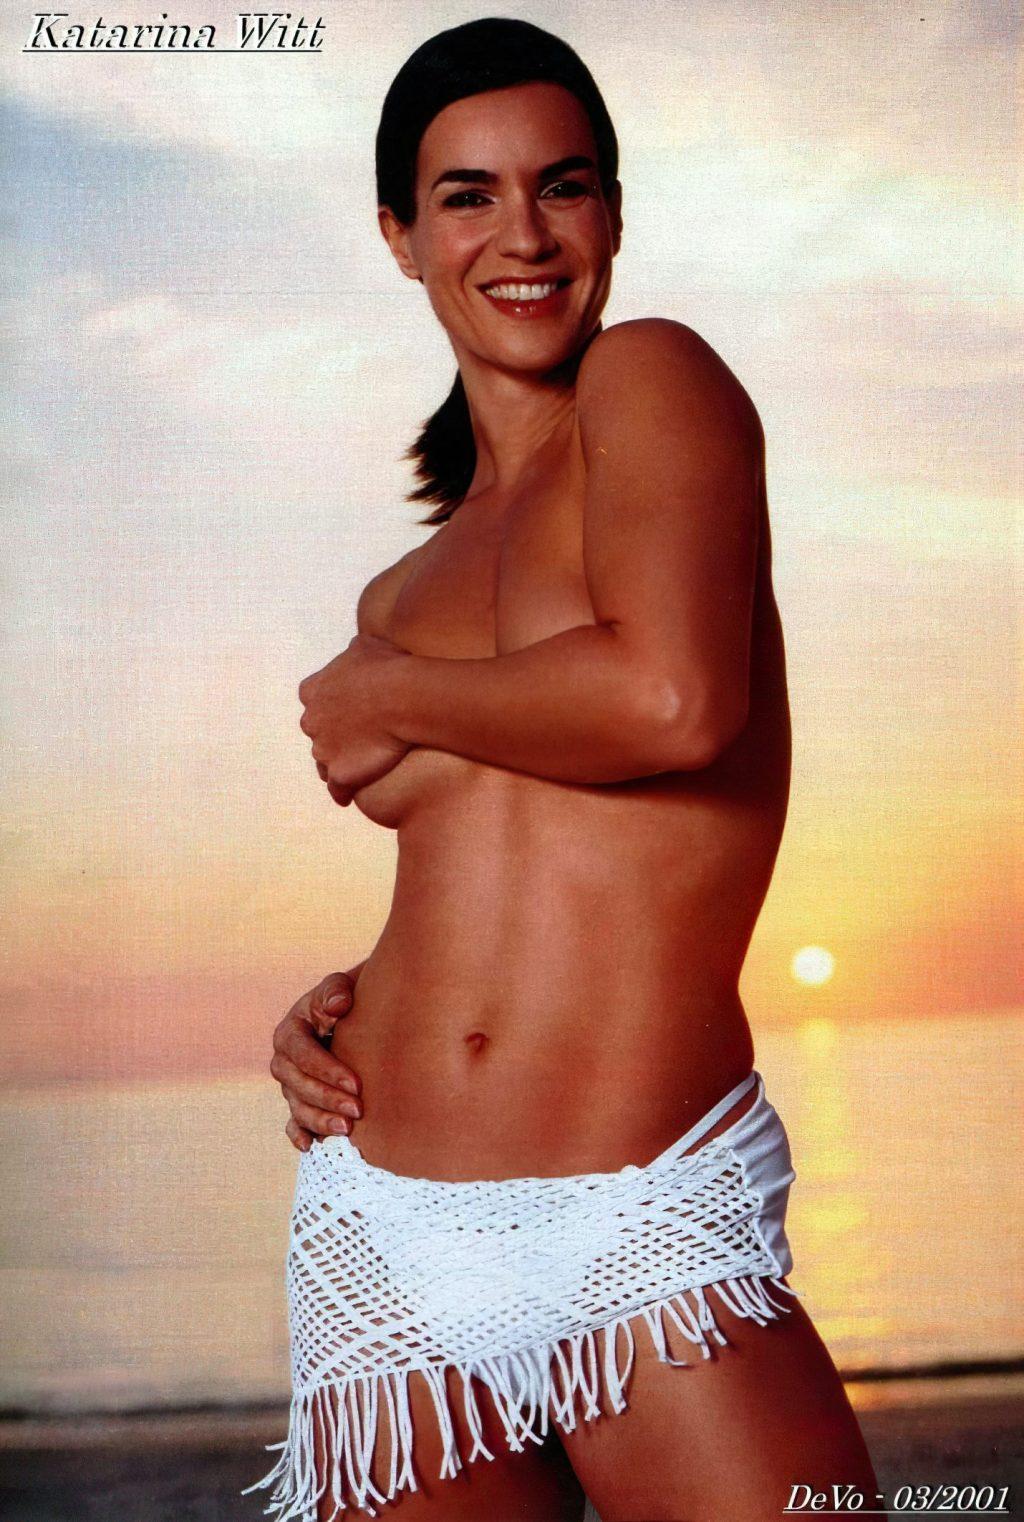 Katerina Witt Naked photo 3